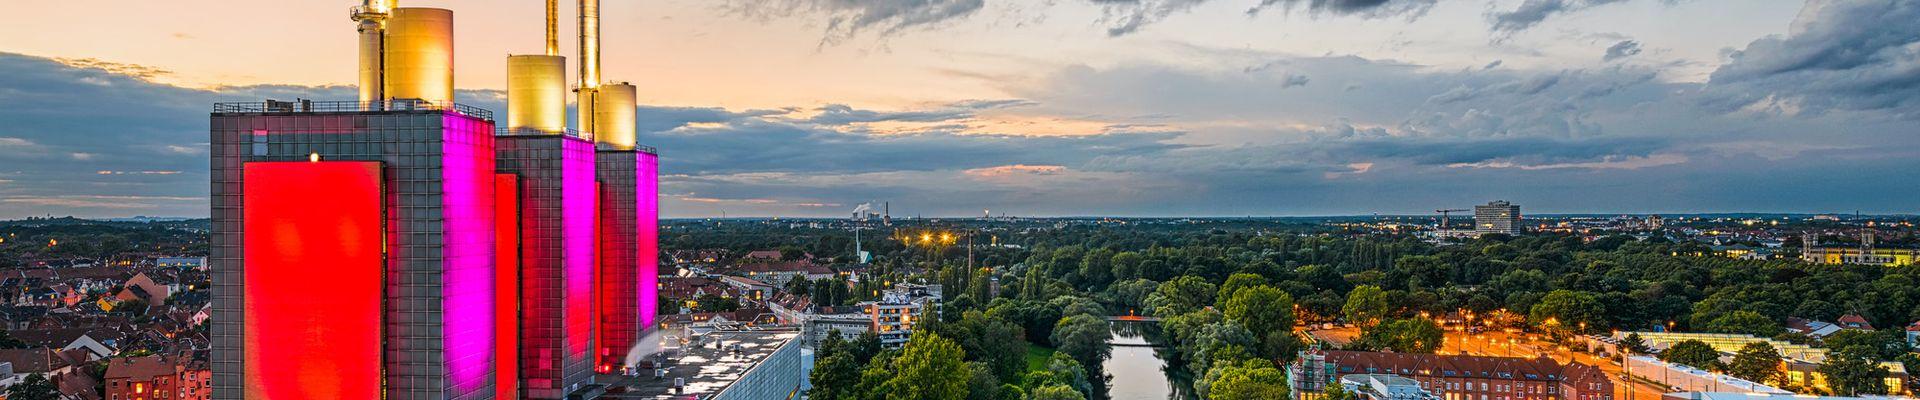 Niedersächsische Landeshauptstadt Hannover